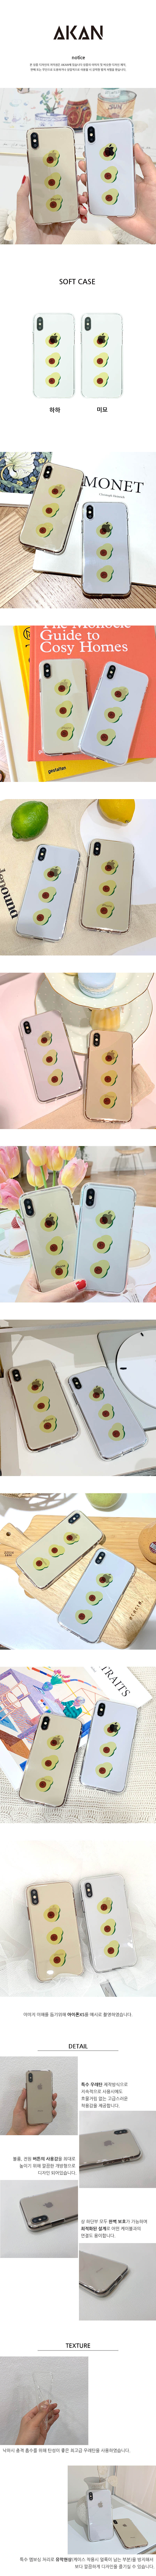 아이폰6/6플러스 슬림핏 아보카도 3형제 소프트젤리케이스 - 아칸, 5,000원, 케이스, 아이폰6/6 플러스